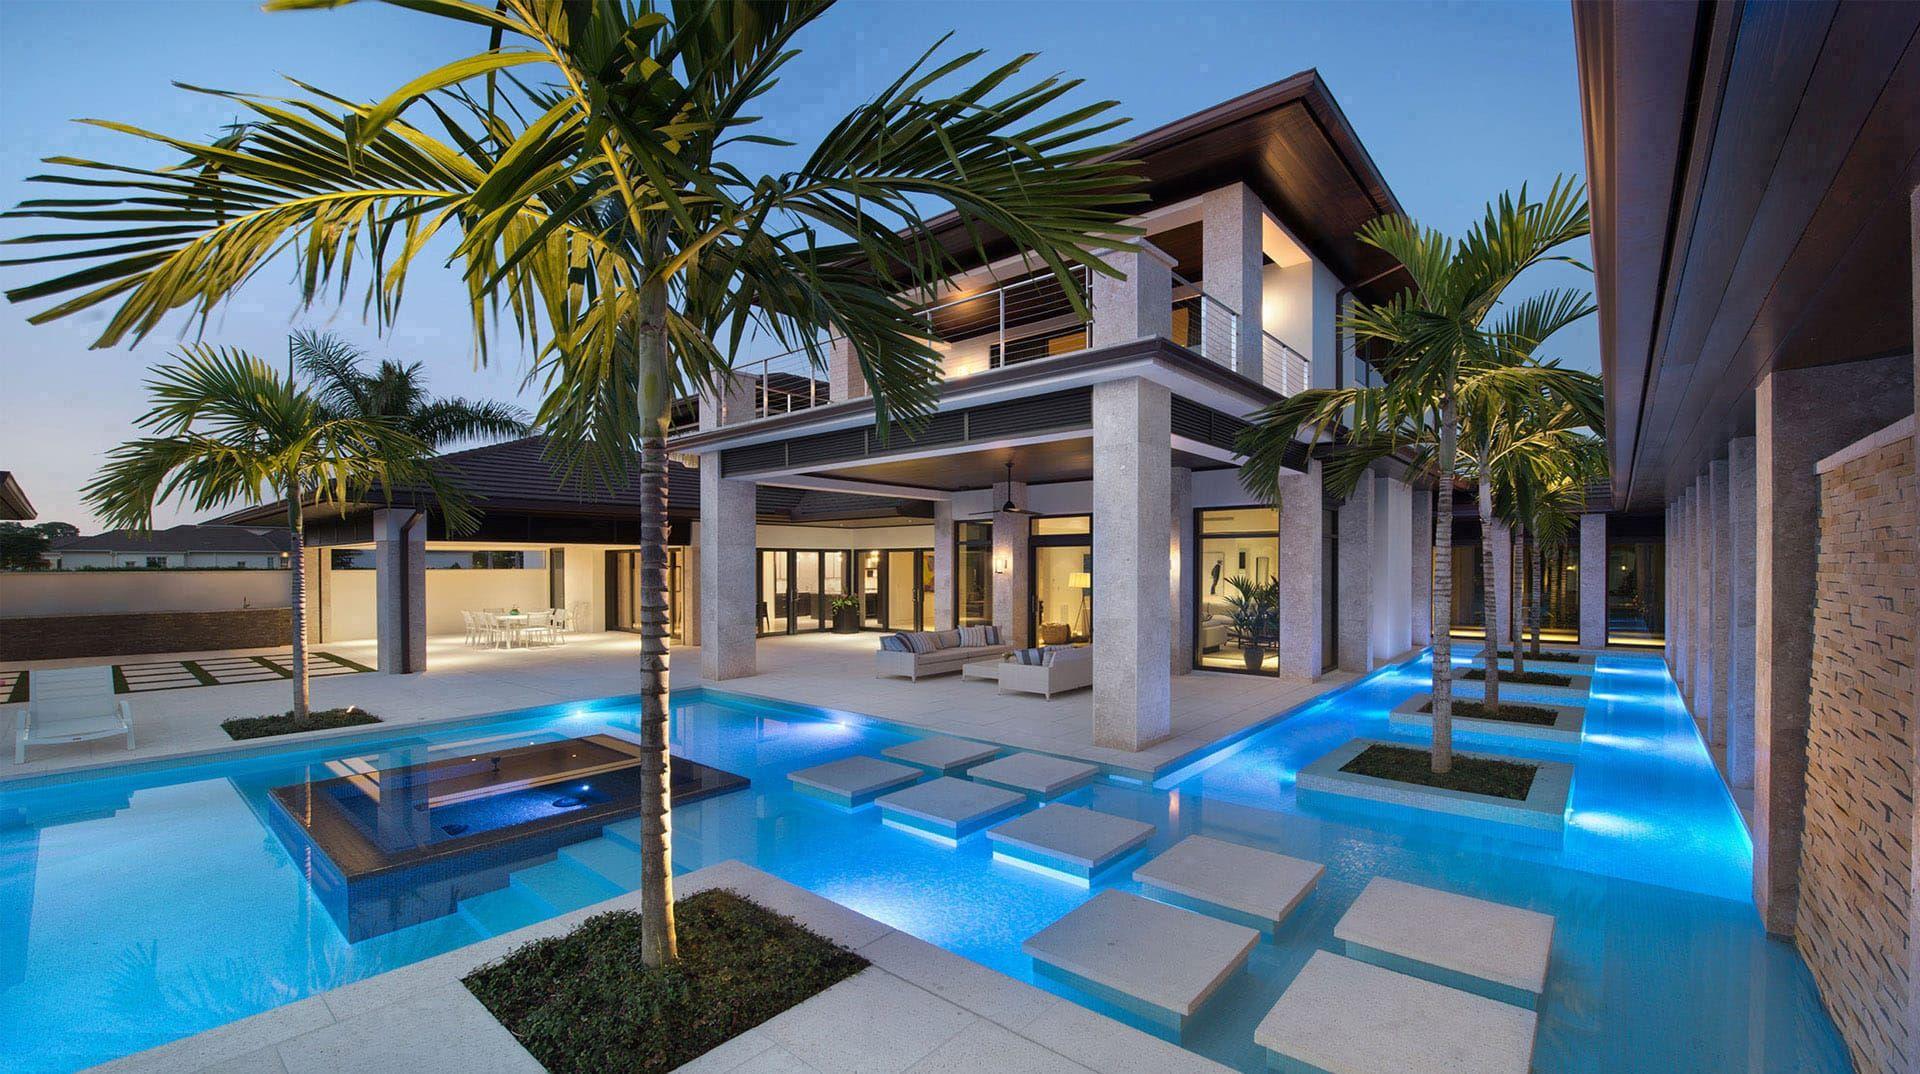 bonita springs mortgage, bonita springs mortgage rates, bonita springs mortgage broker, bonita springs mortgage lender, mortgage bonita springs jumbo mortgage